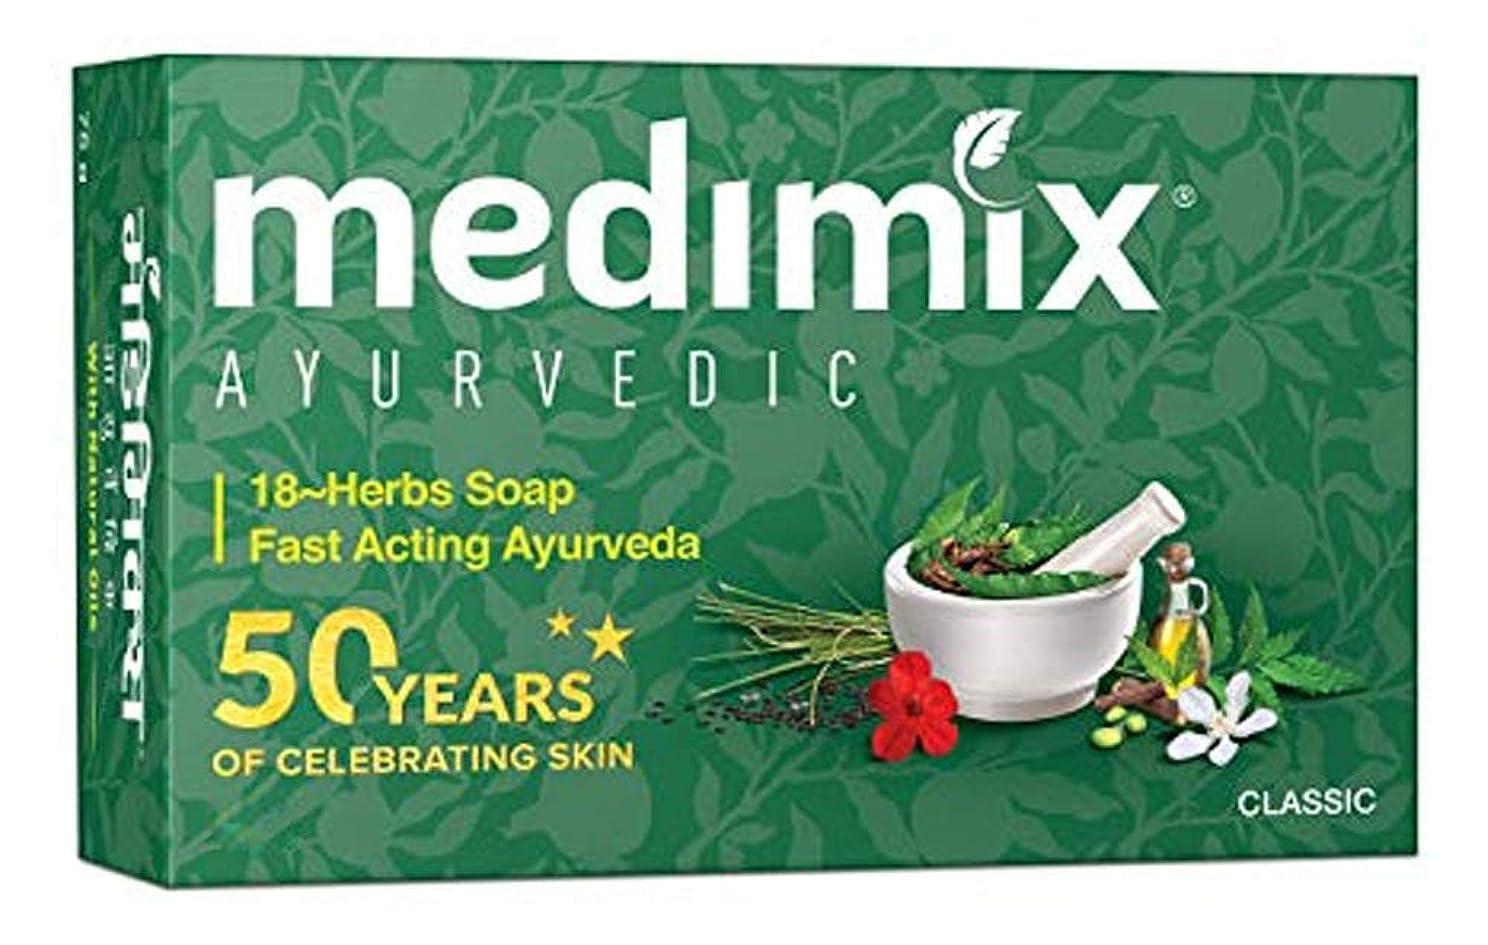 日またはどちらか疑い者MEDIMIX メディミックス アーユルヴェーダ石鹸 18ハーブス3個セット(medimix classic 18-HERB AYURVEDA) 125g